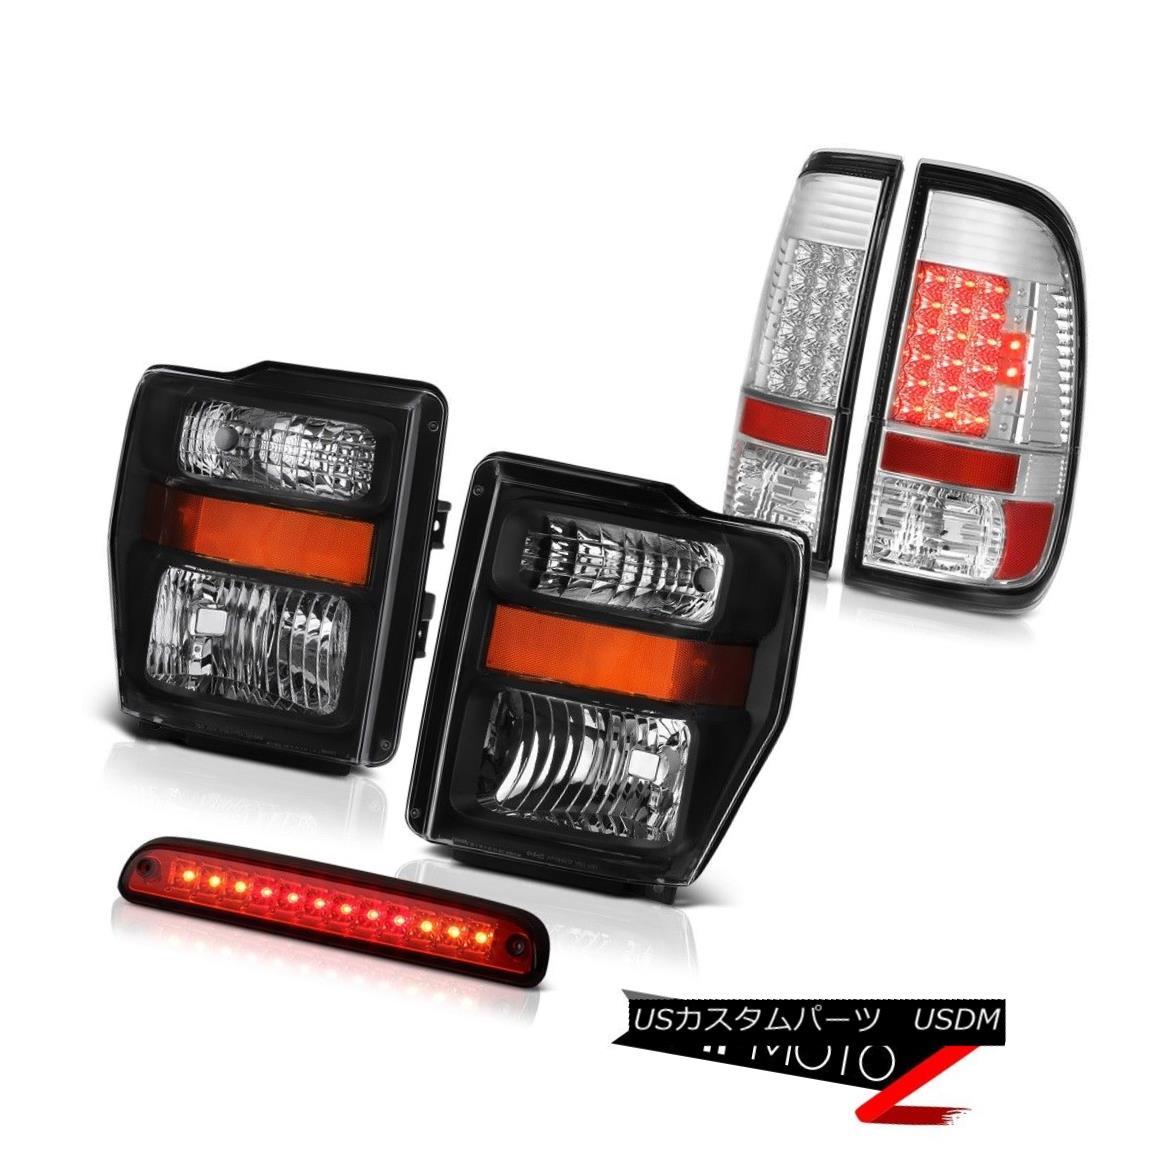 ヘッドライト 2008 2009 2010 F250 FX4 Left Right Headlight Clear LED Tail light 3rd Brake Red 2008 2009 2010 F250 FX4左ライトヘッドライトクリアLEDテールライト3rdブレーキレッド